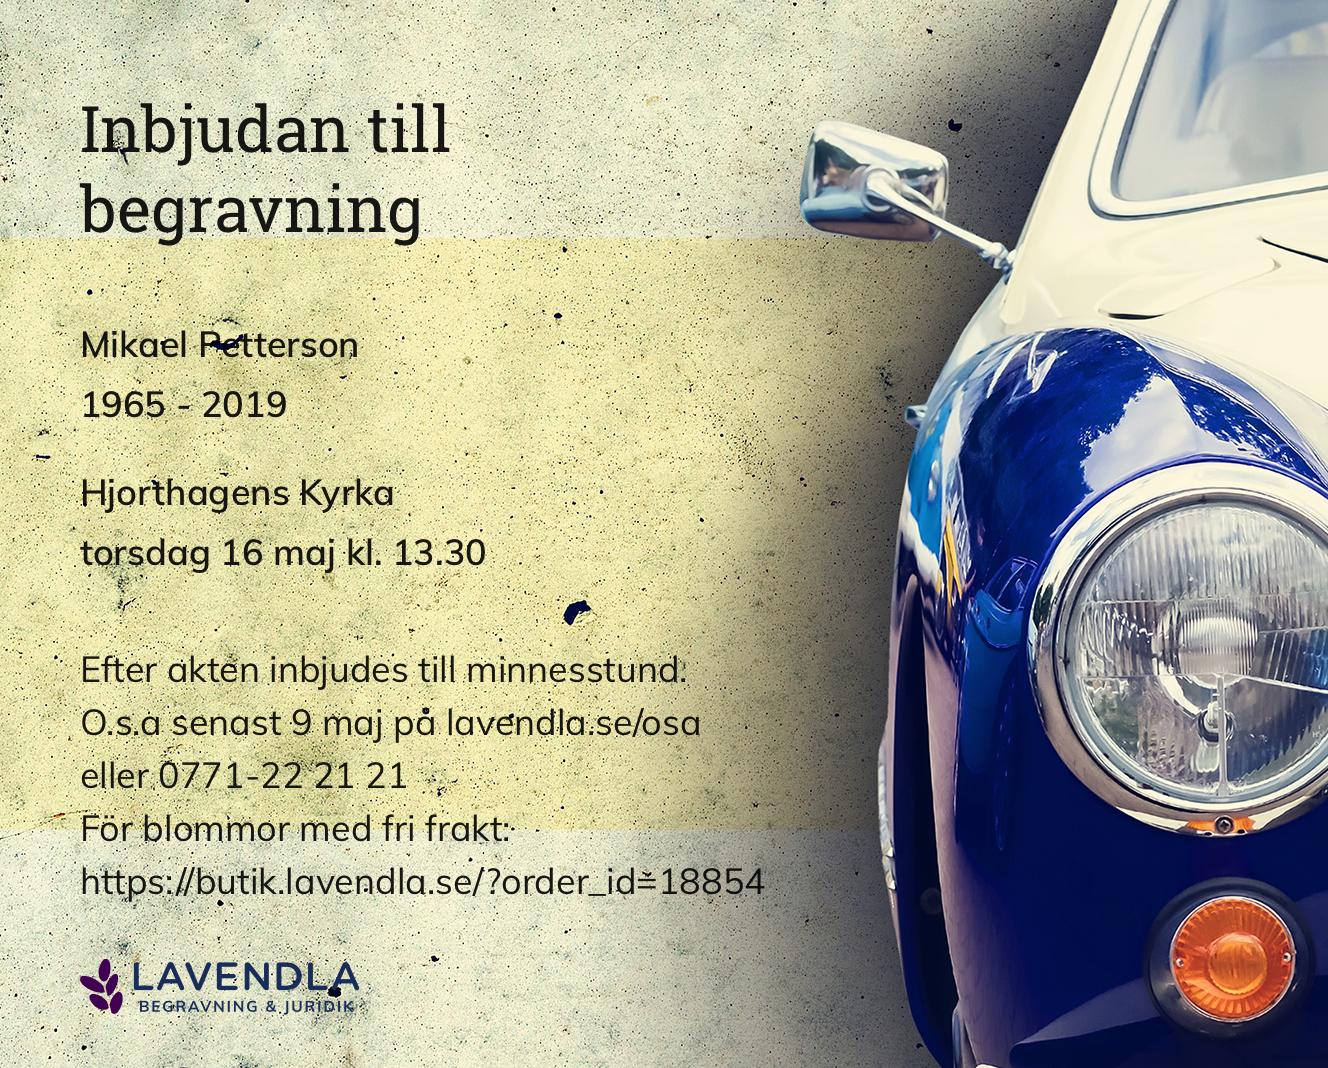 Inbjudningskort till ceremonin för Mikael Petterson